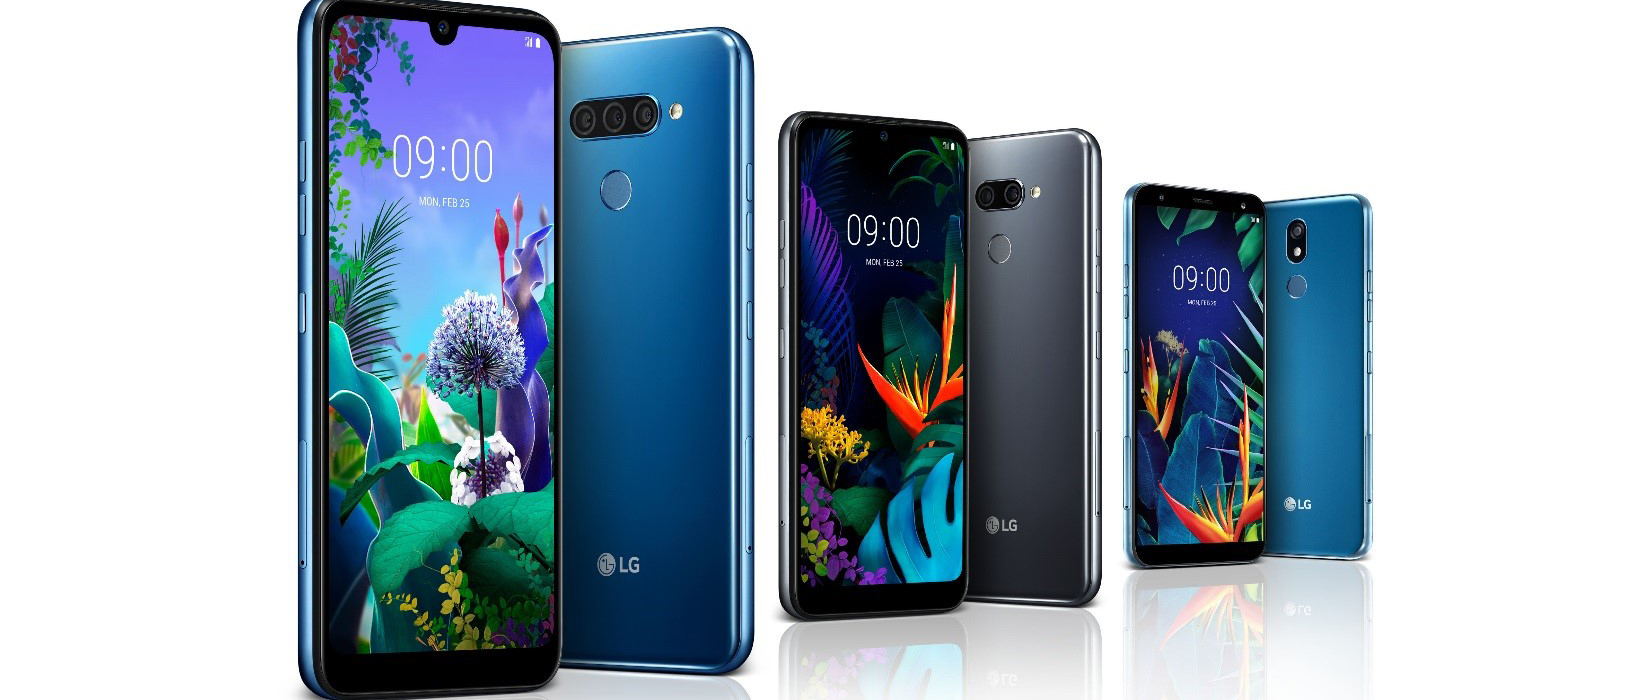 Három új középkategóriás okostelefont mutat be az LG